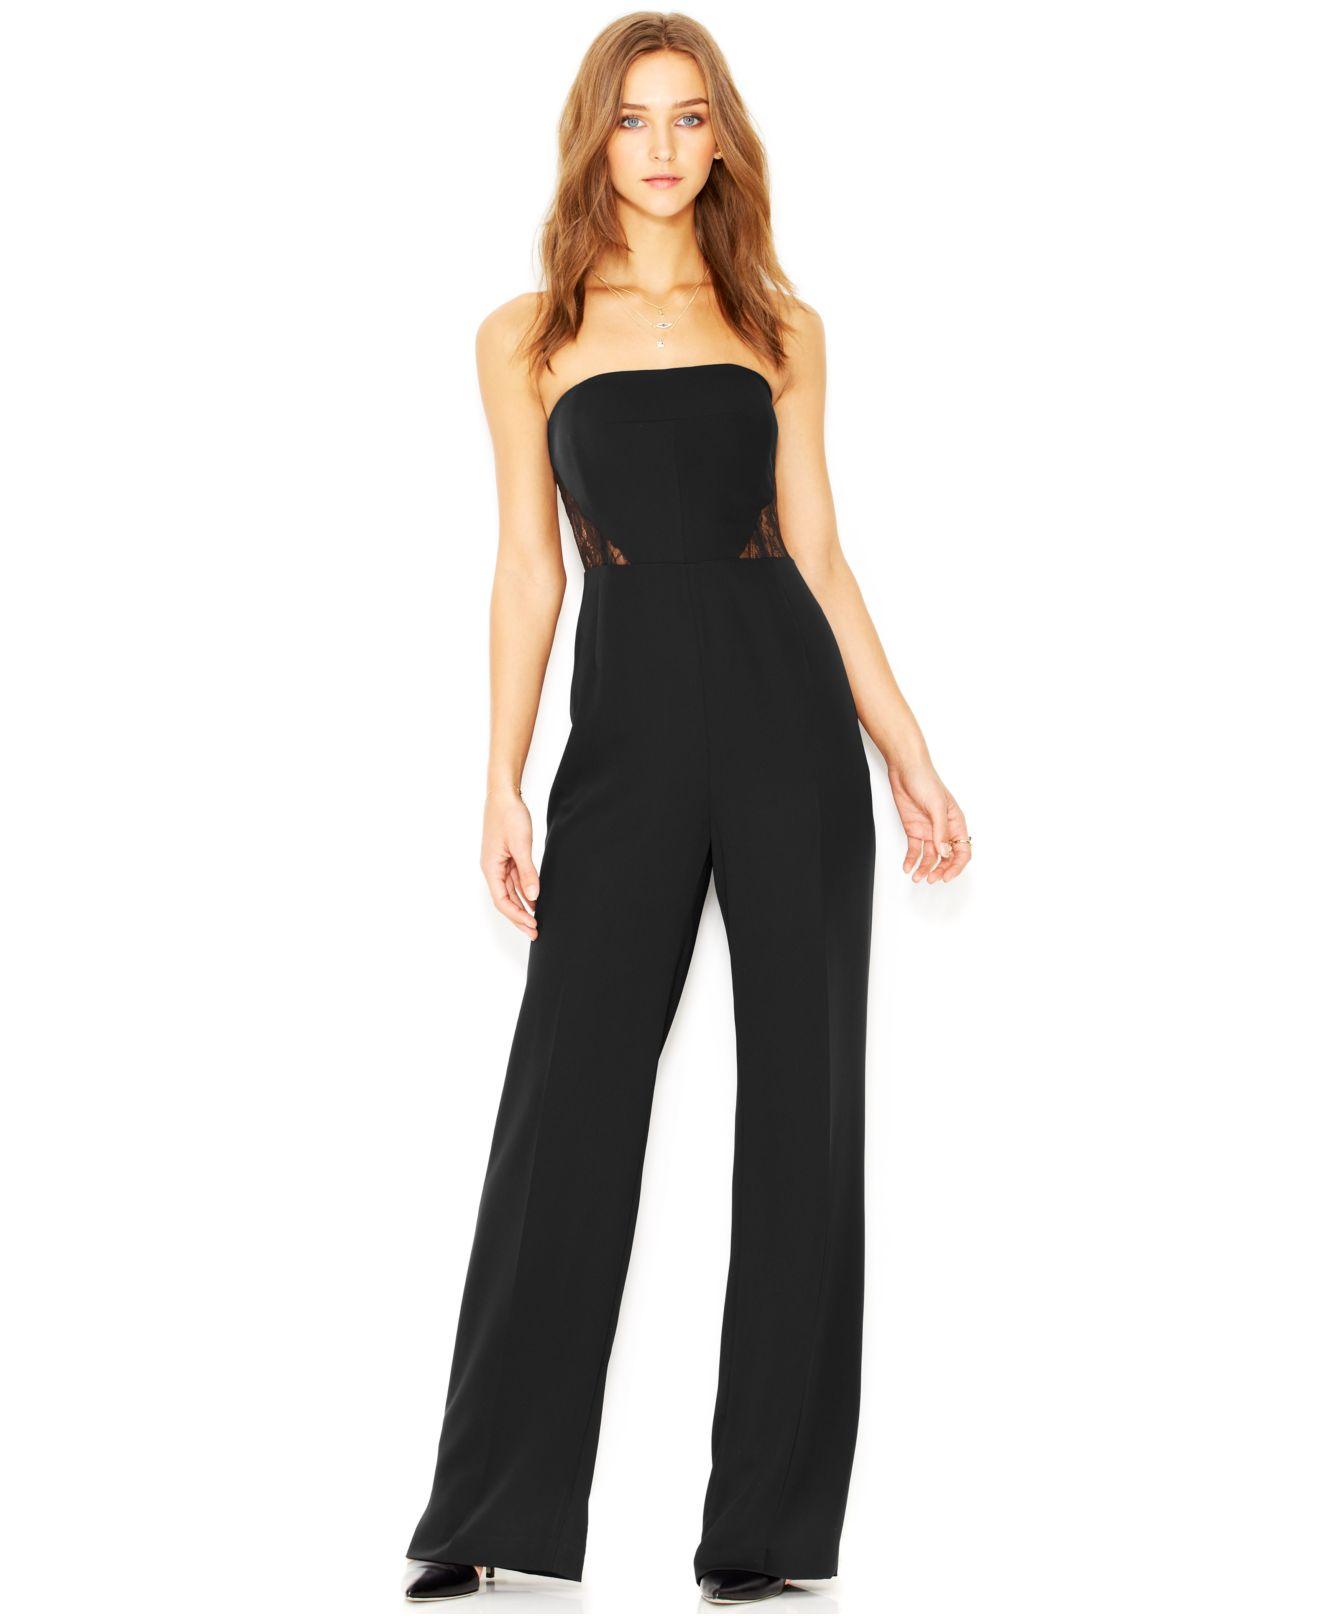 940ac79e3142 Lyst - RACHEL Rachel Roy Lace-Inset Wide-Leg Jumpsuit in Black